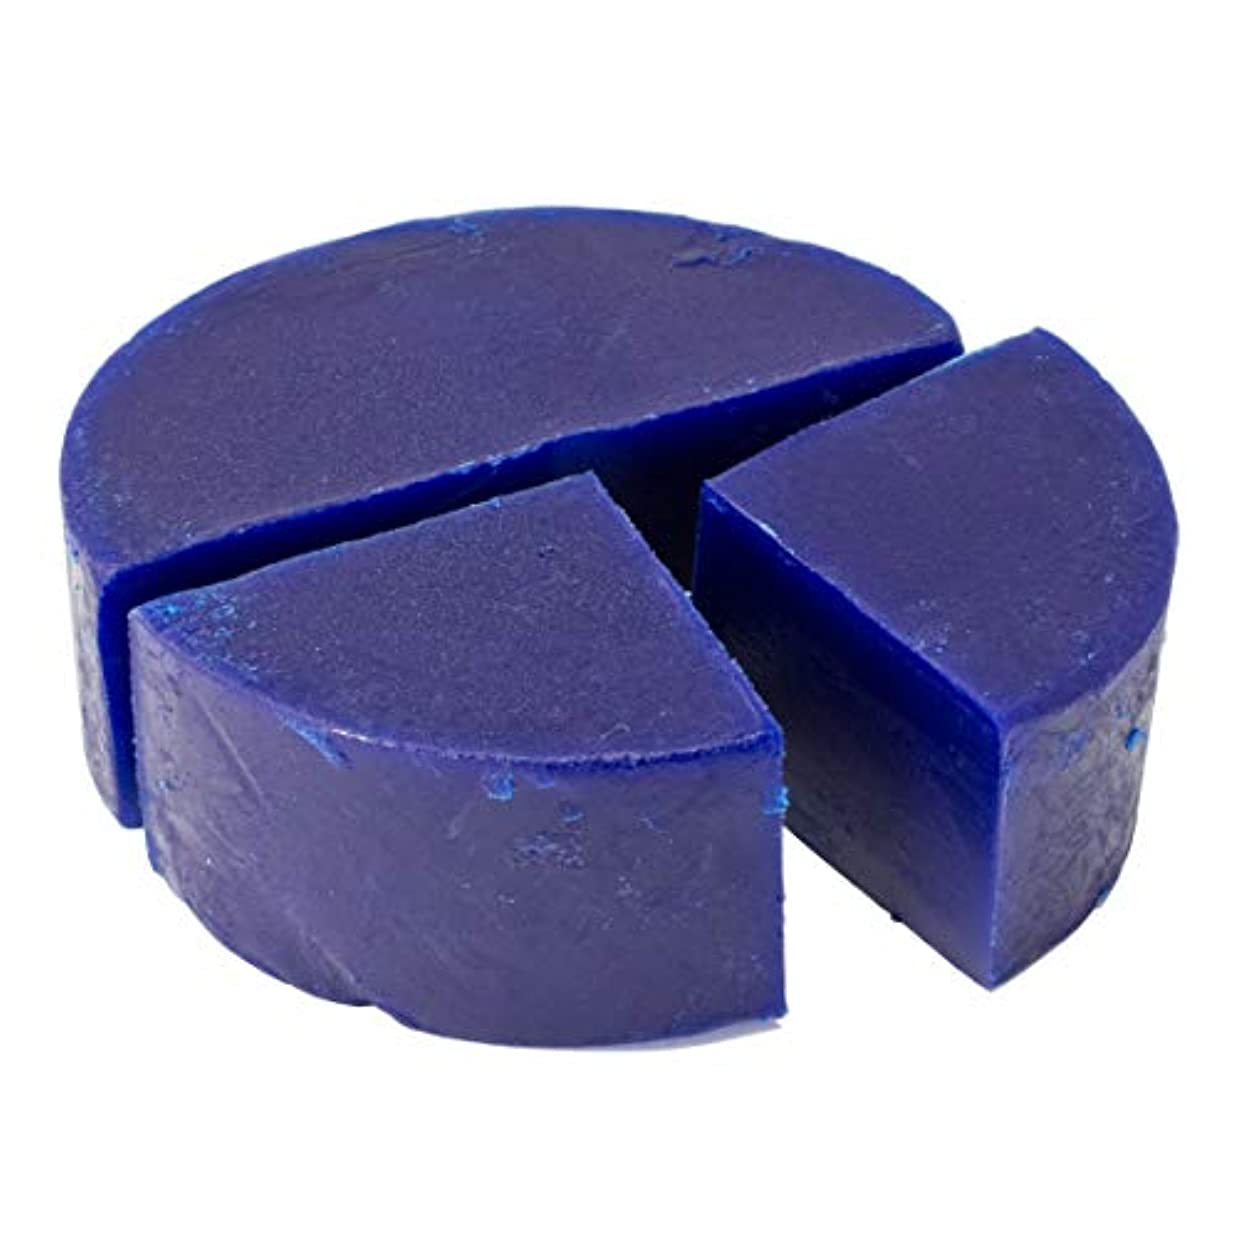 負荷覚えているこどもセンターグリセリン クリアソープ 色チップ 青 100g (MPソープ)